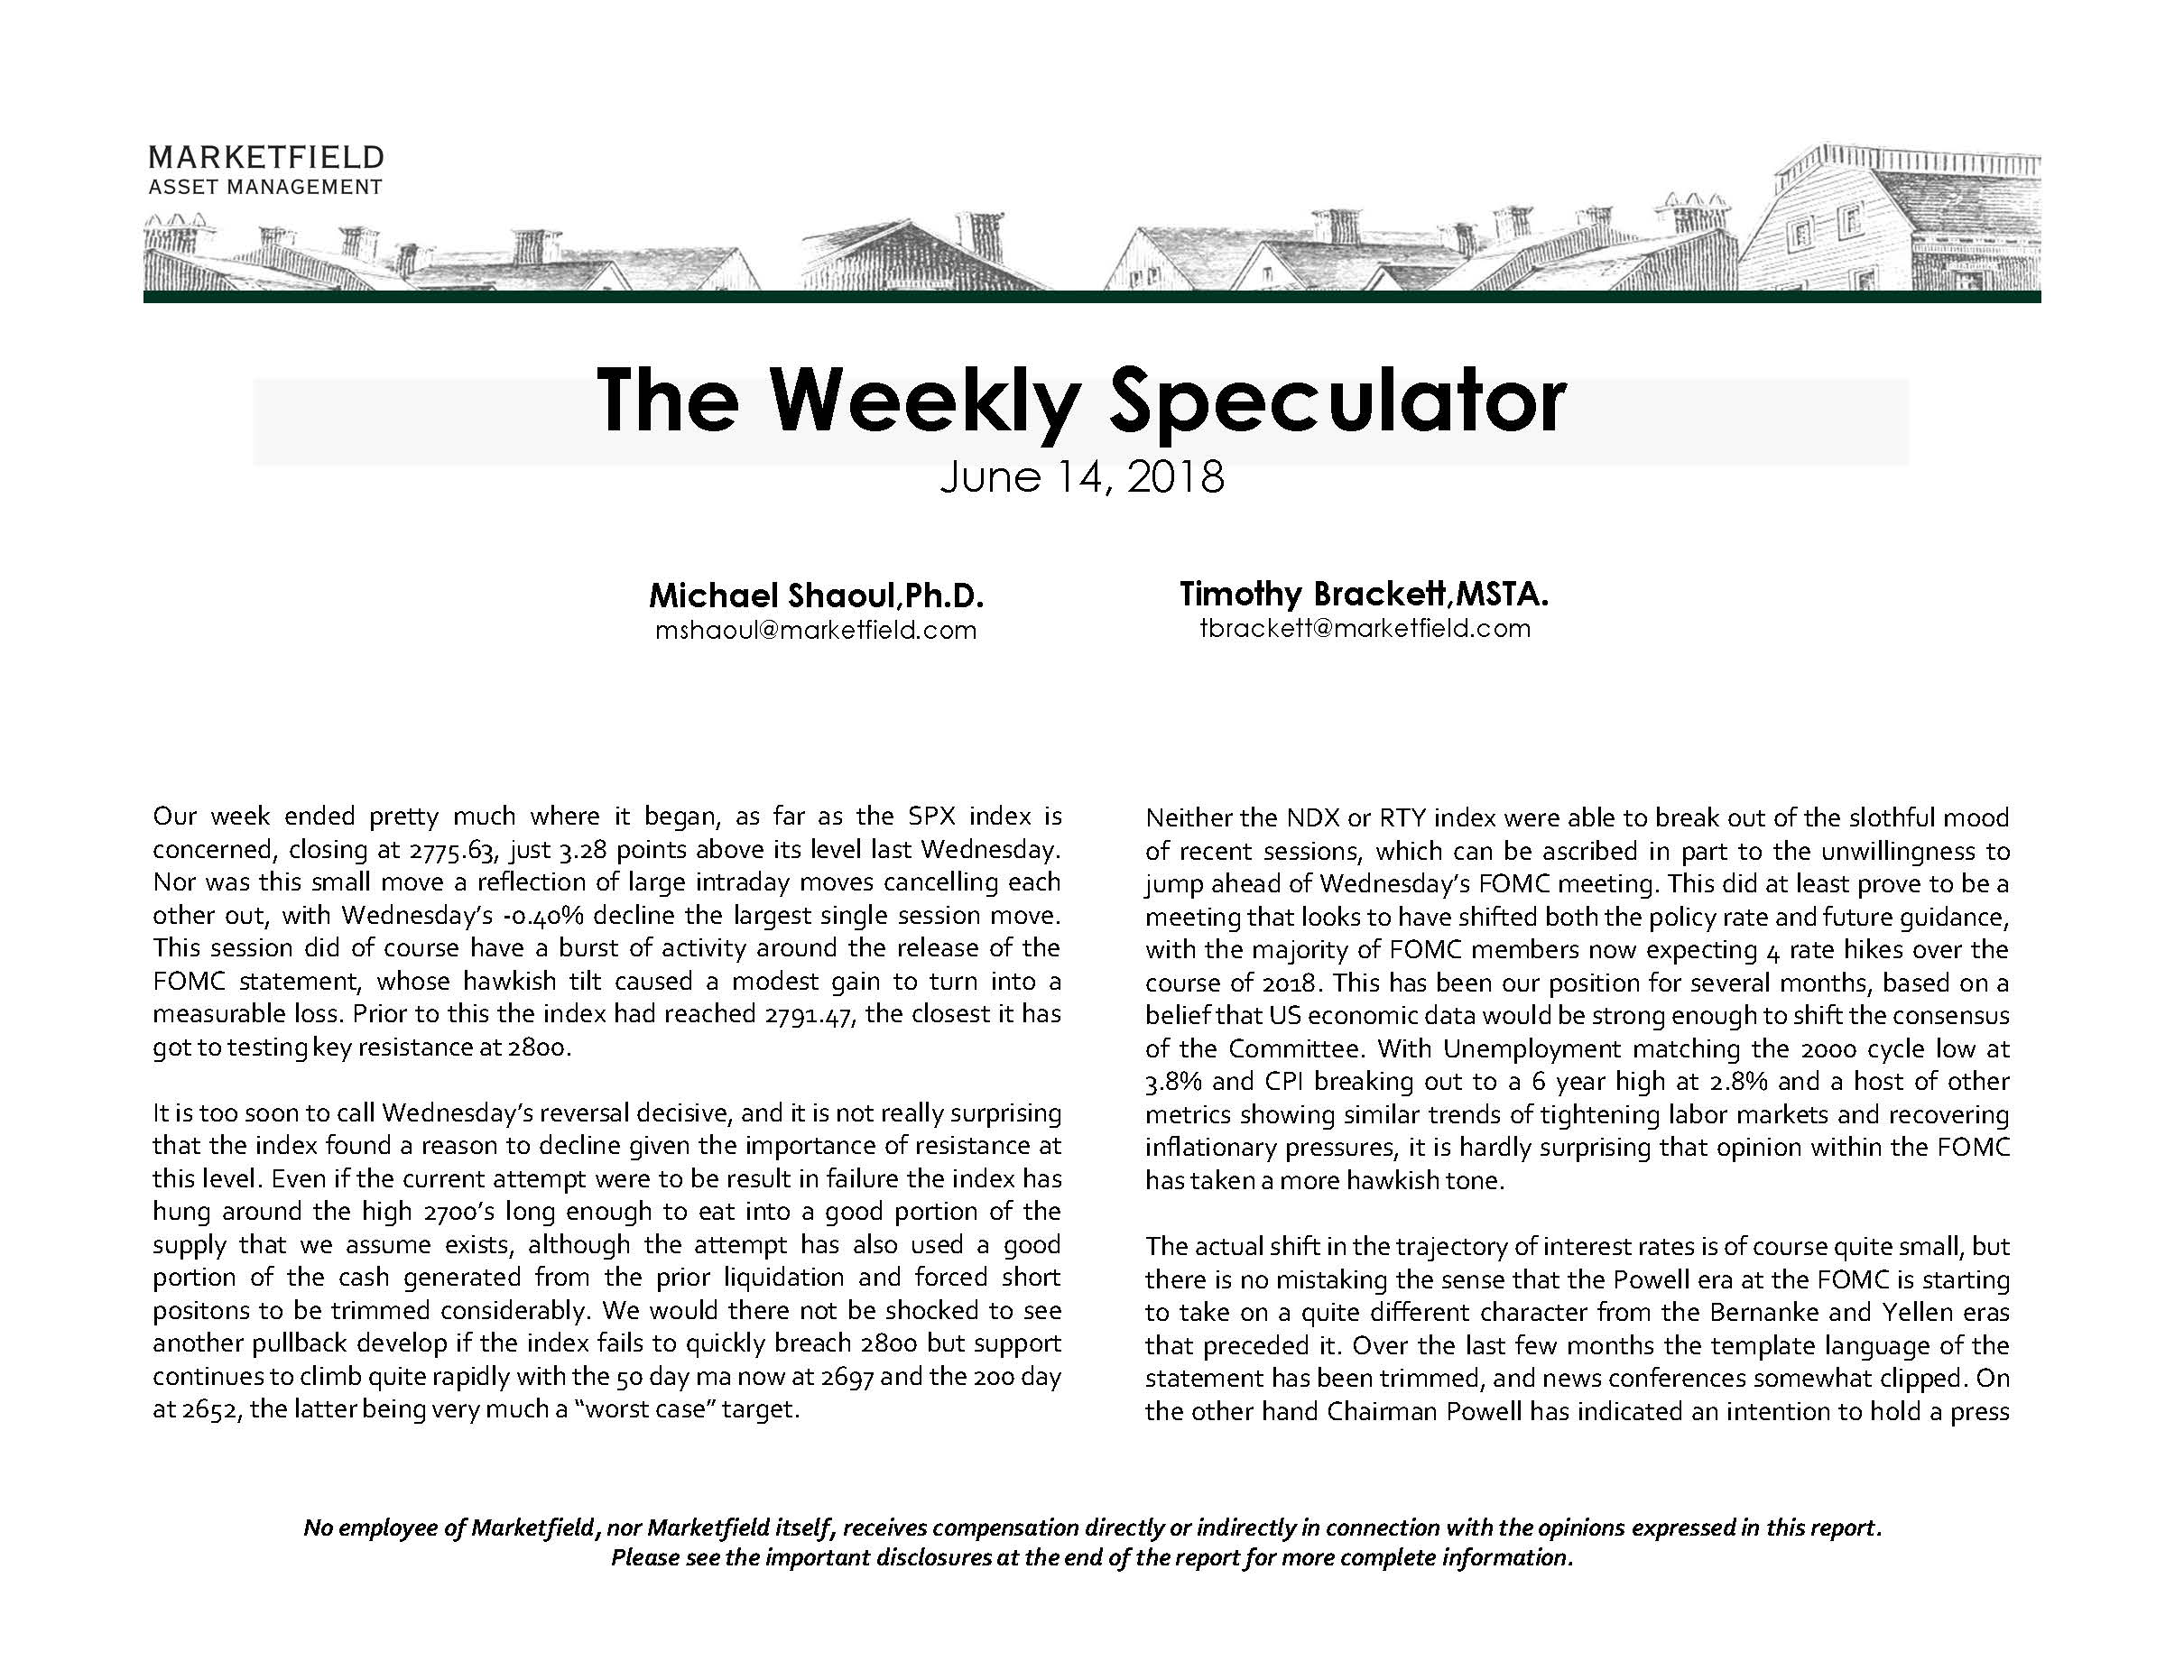 6-14-18_Weekly Speculator_Page_01.jpg